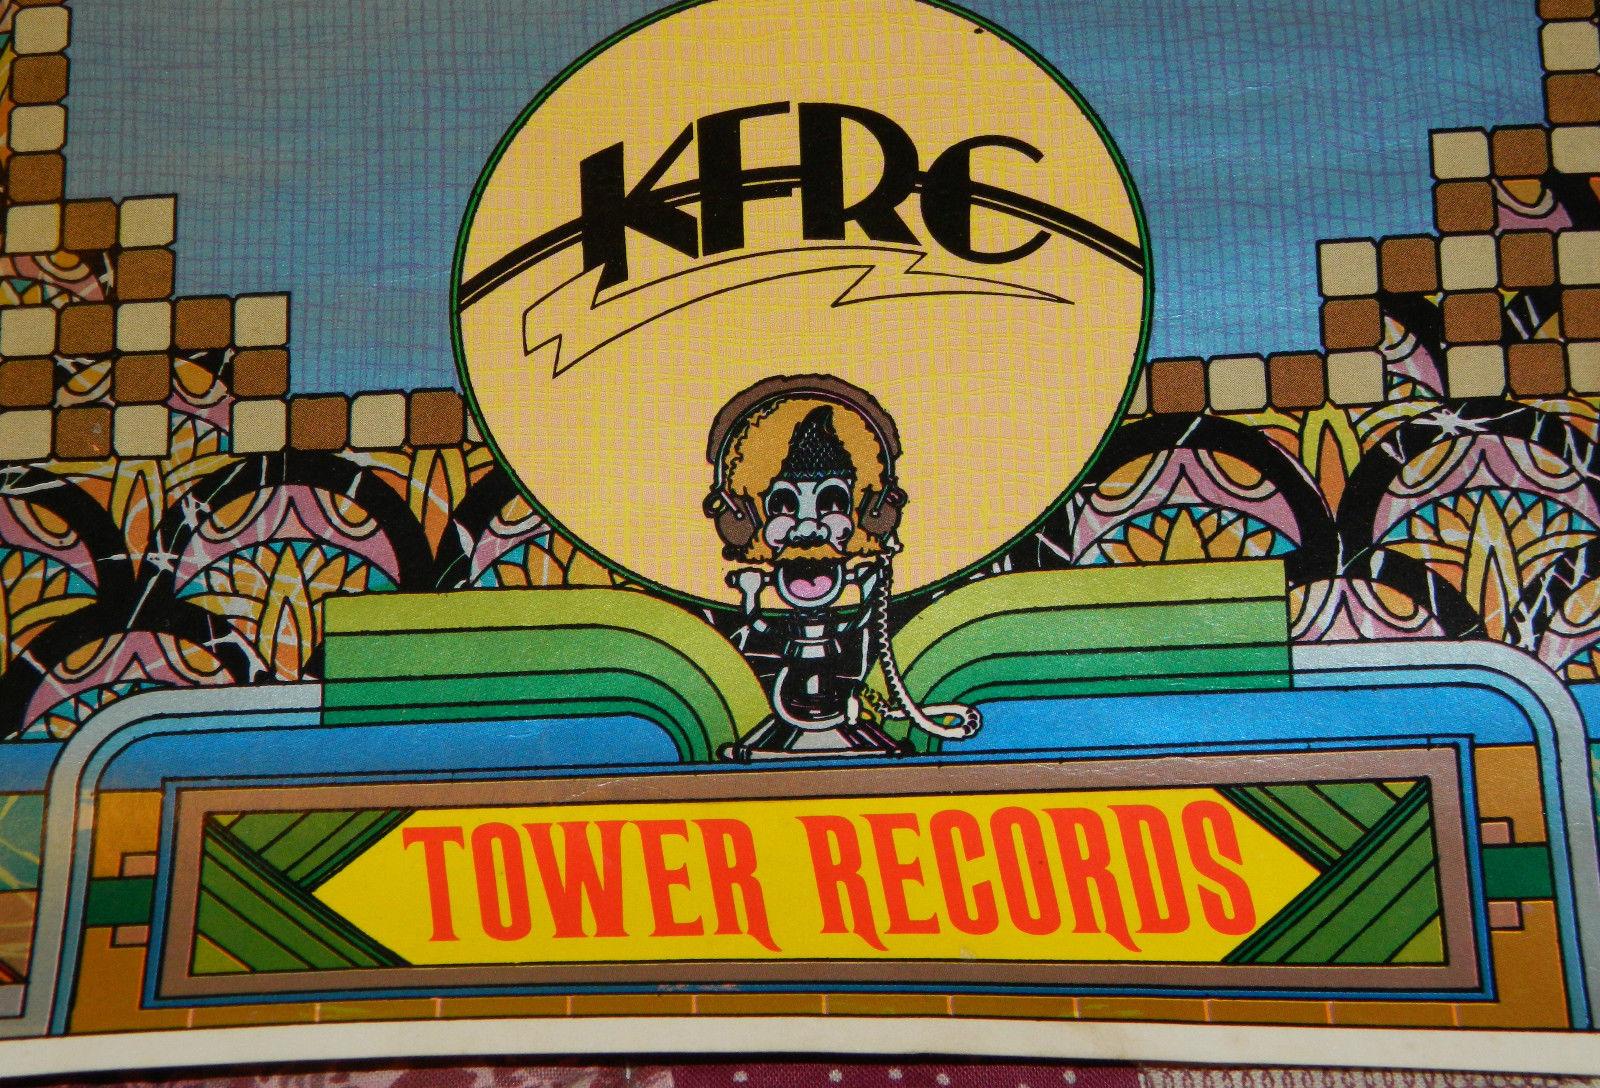 kfrc_poster_1975_b